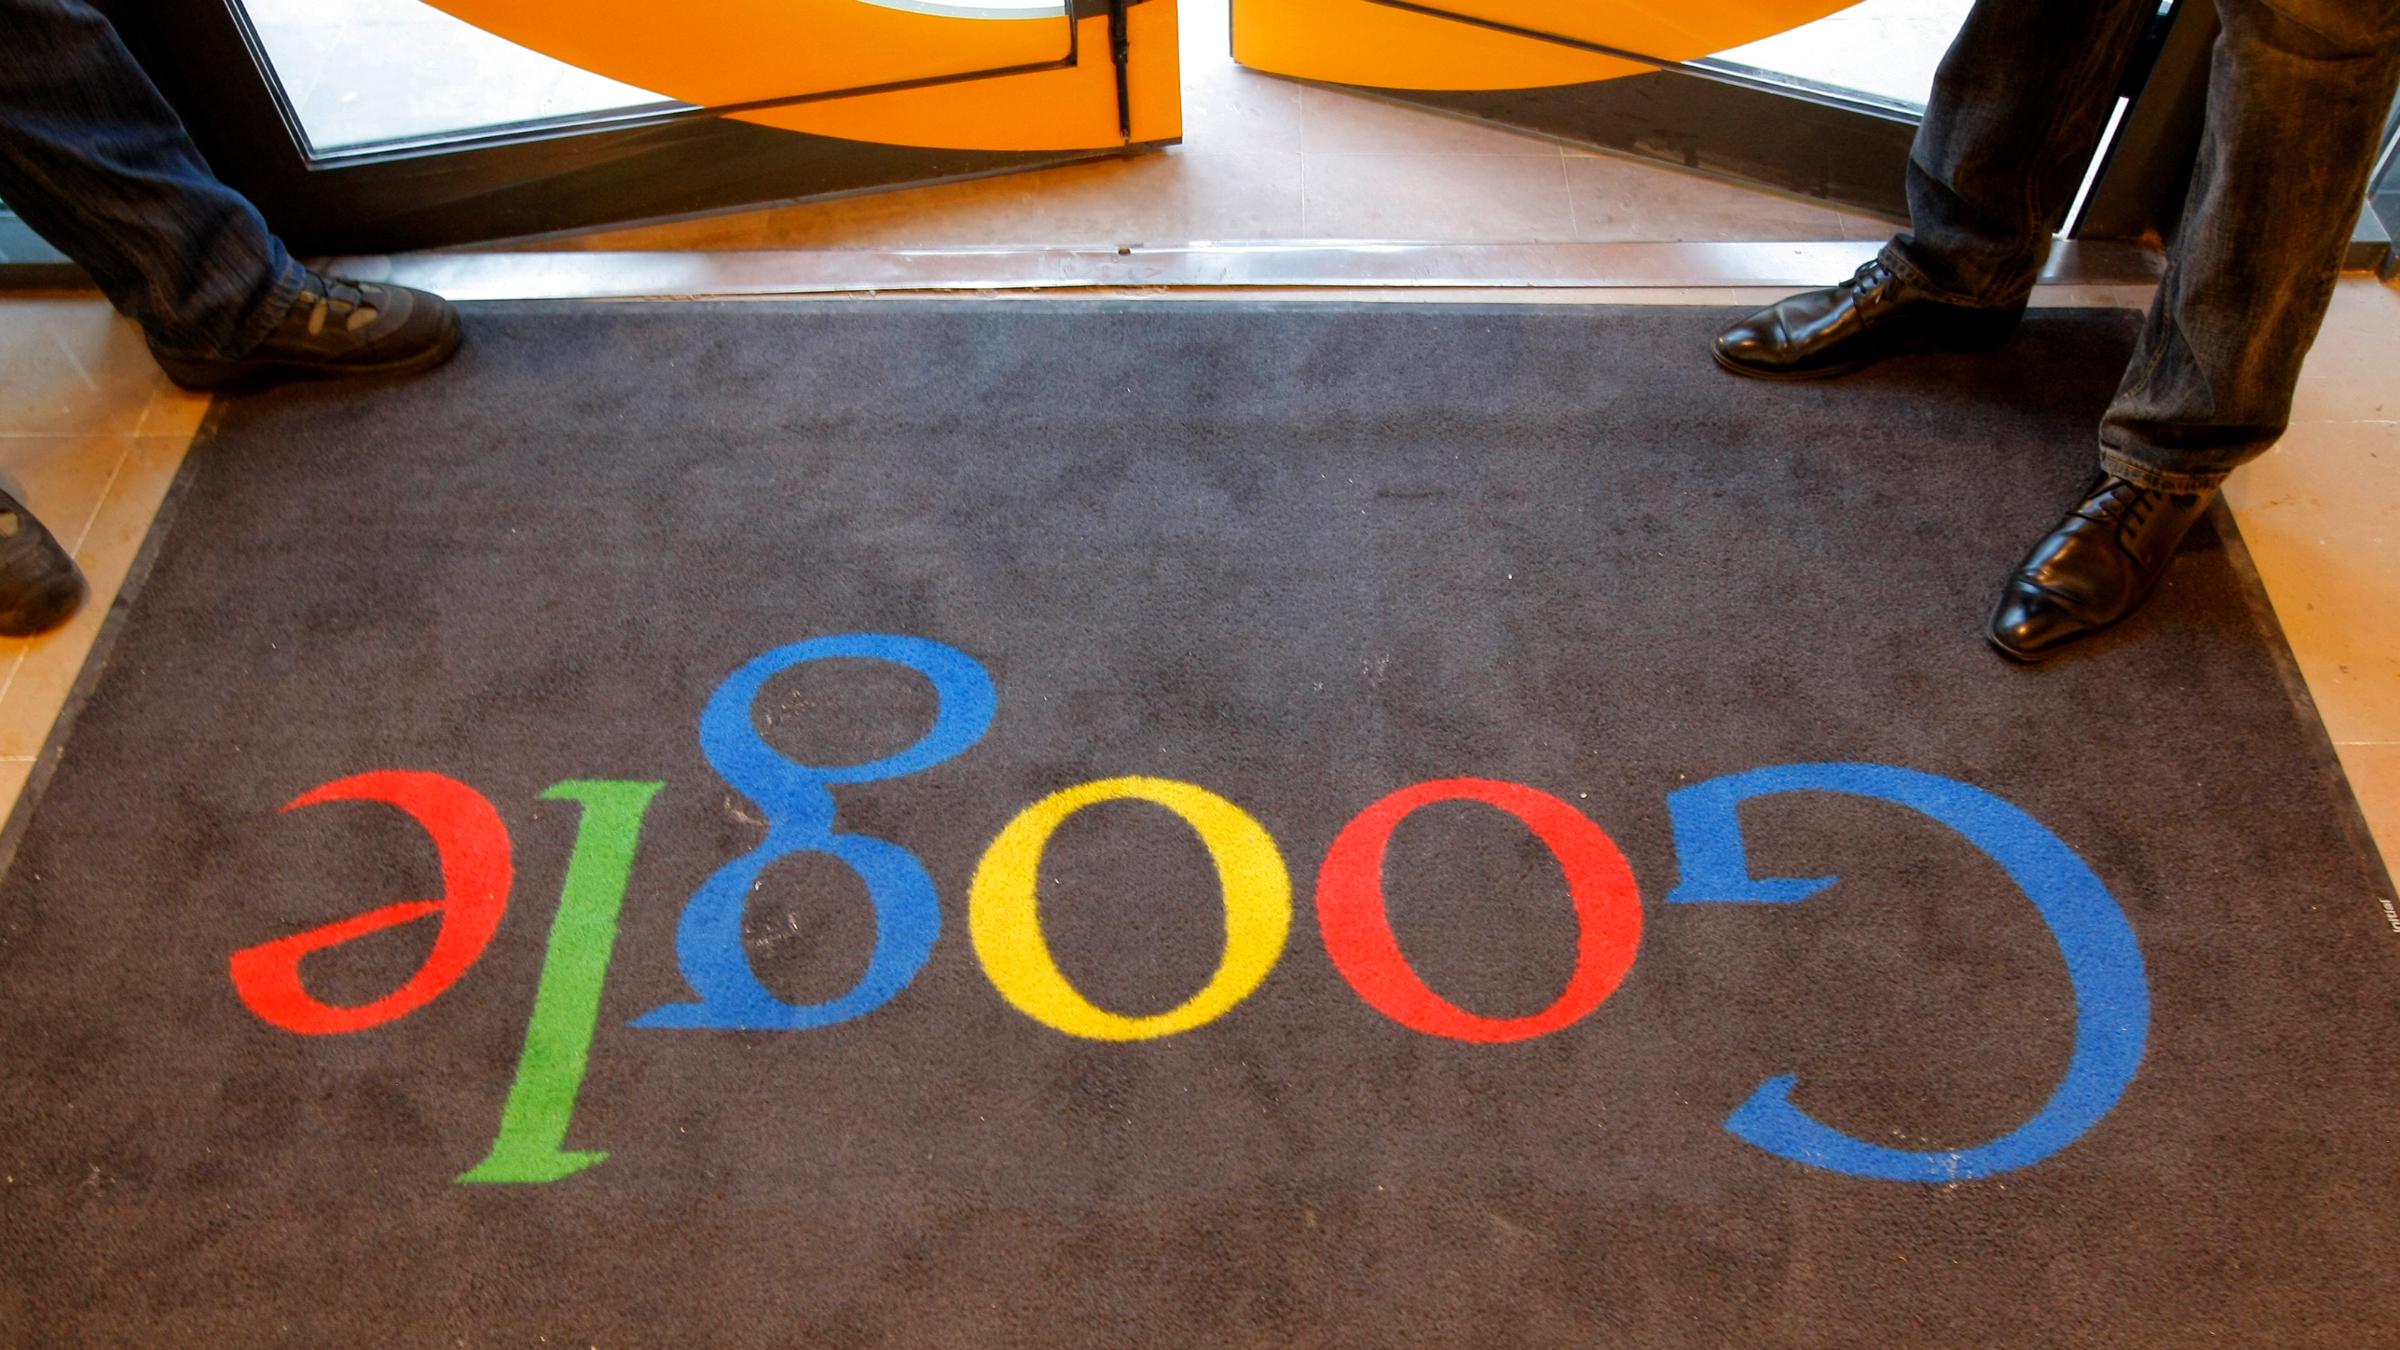 Google welcome mat